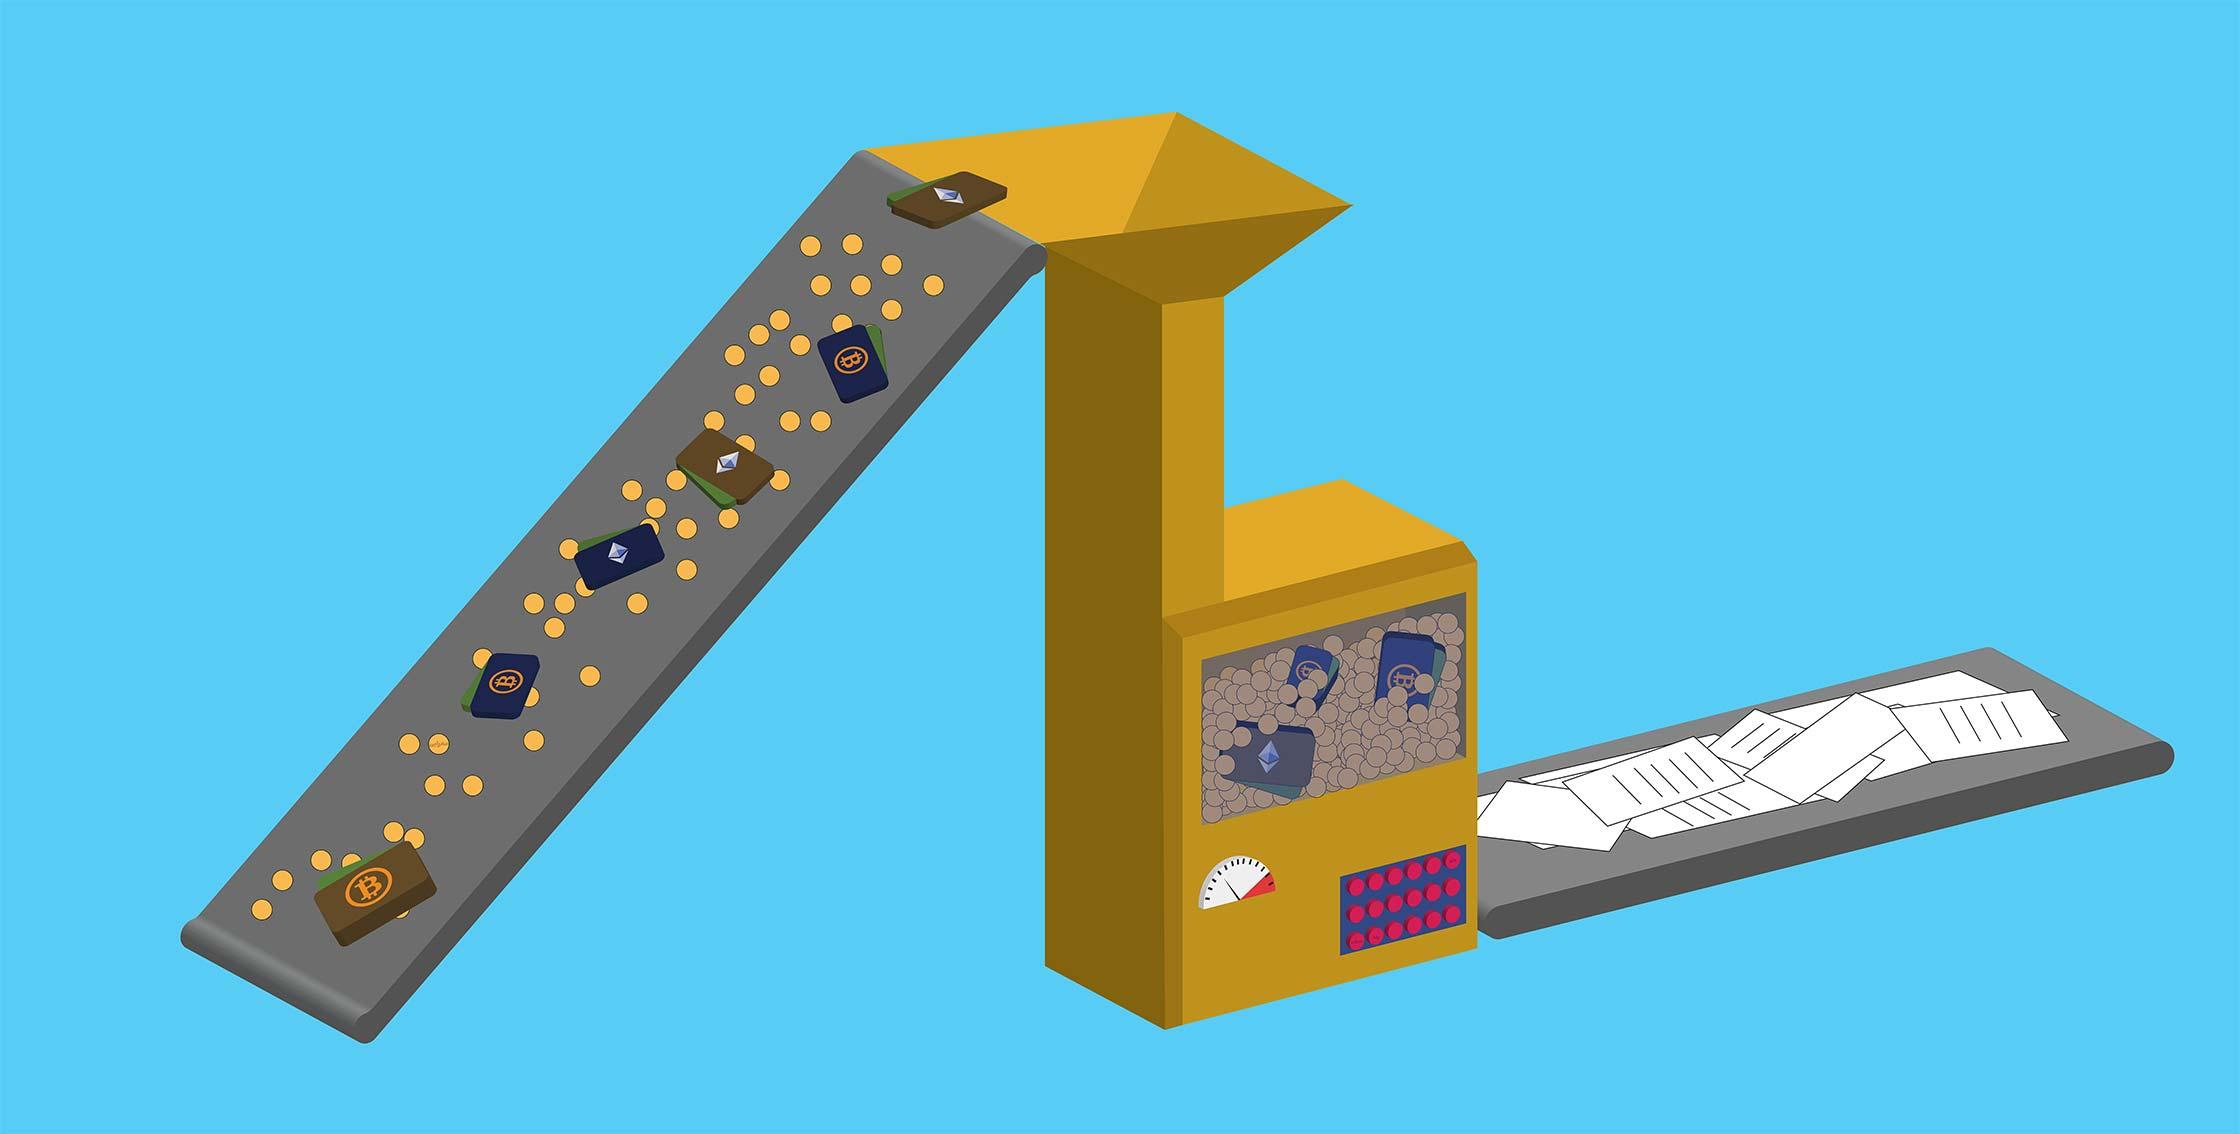 تحلیل درون زنجیرهای (On-chain analysis) چیست؟